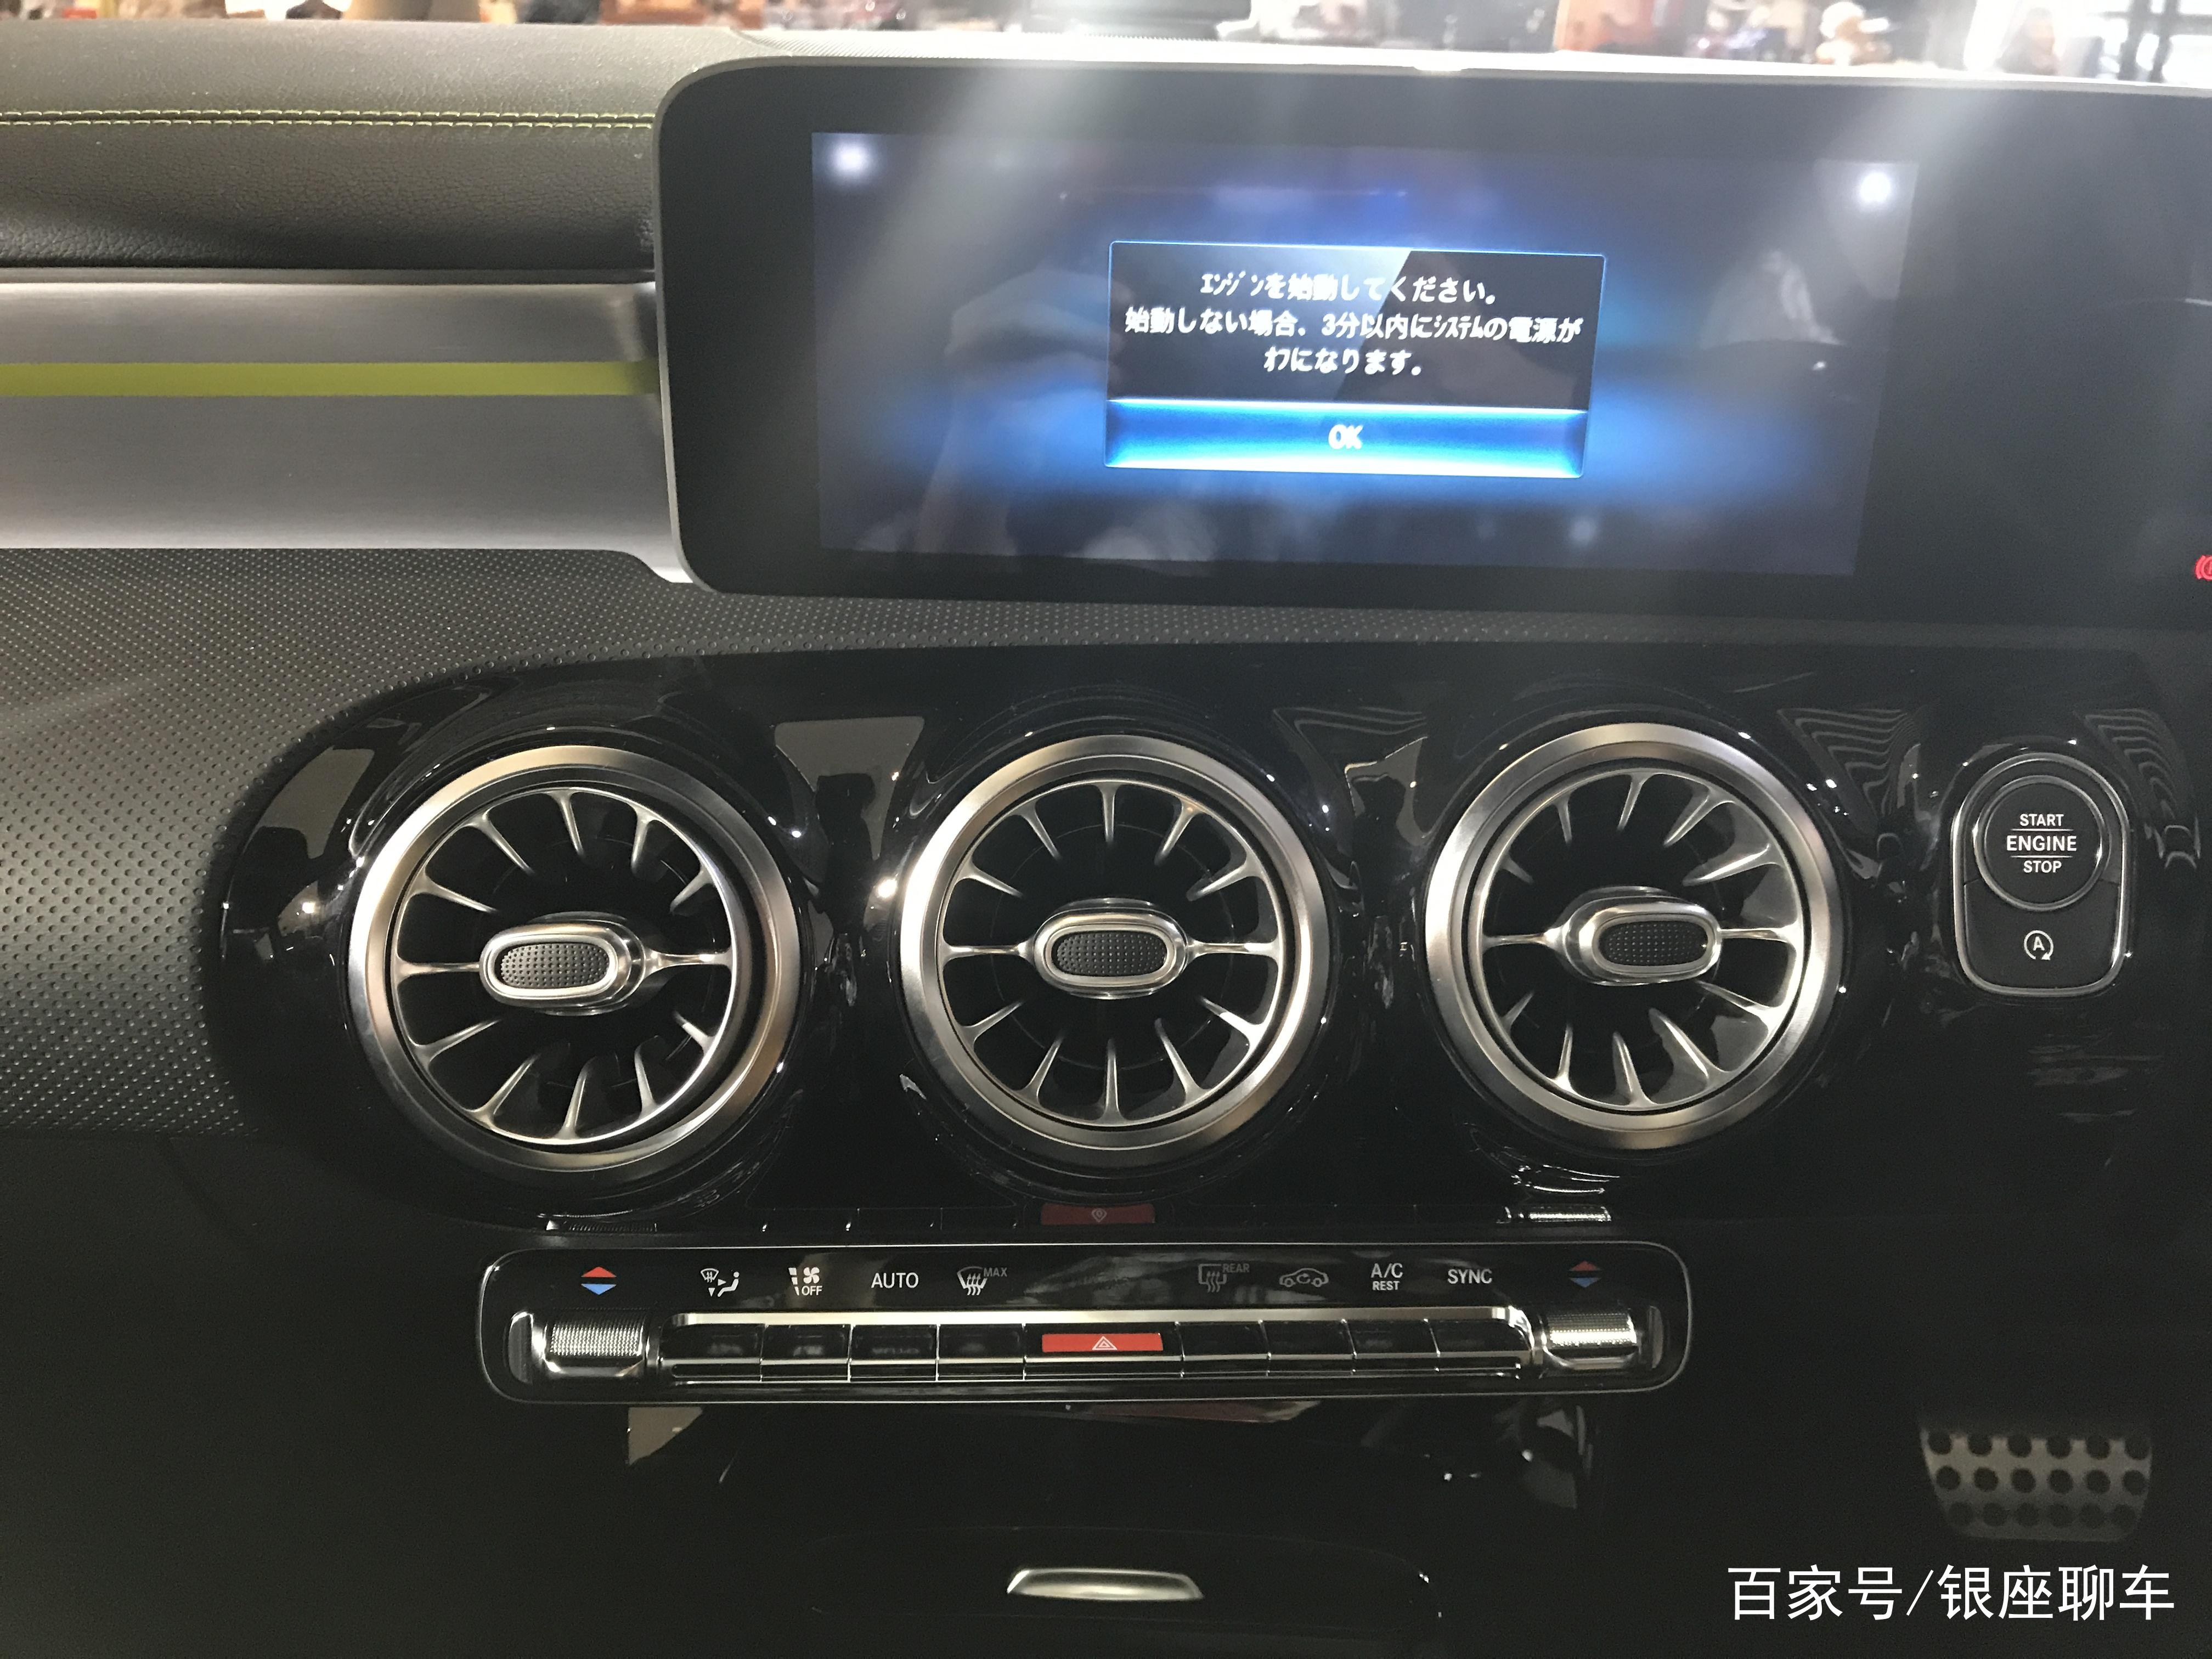 奔驰a180 edition   限量版 配备8英寸媒体显示屏.配有64种环境光.